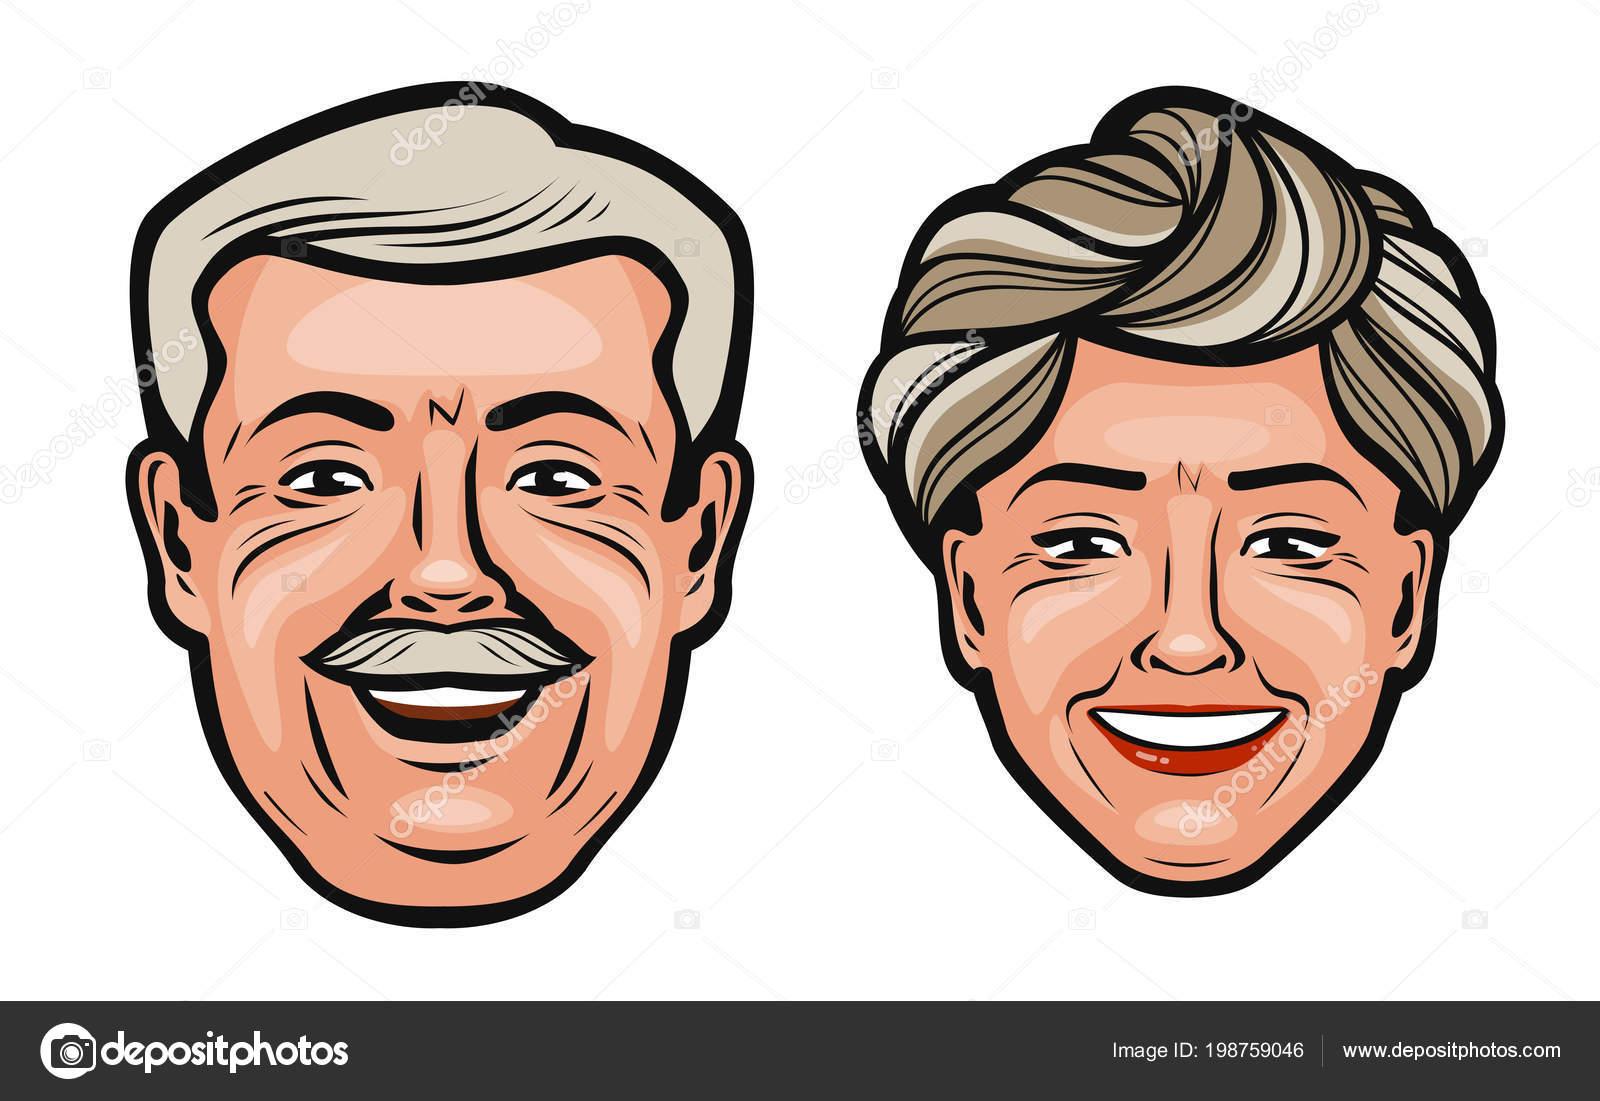 Las Personas Feliz Abuelo Abuela Ilustración Vectorial